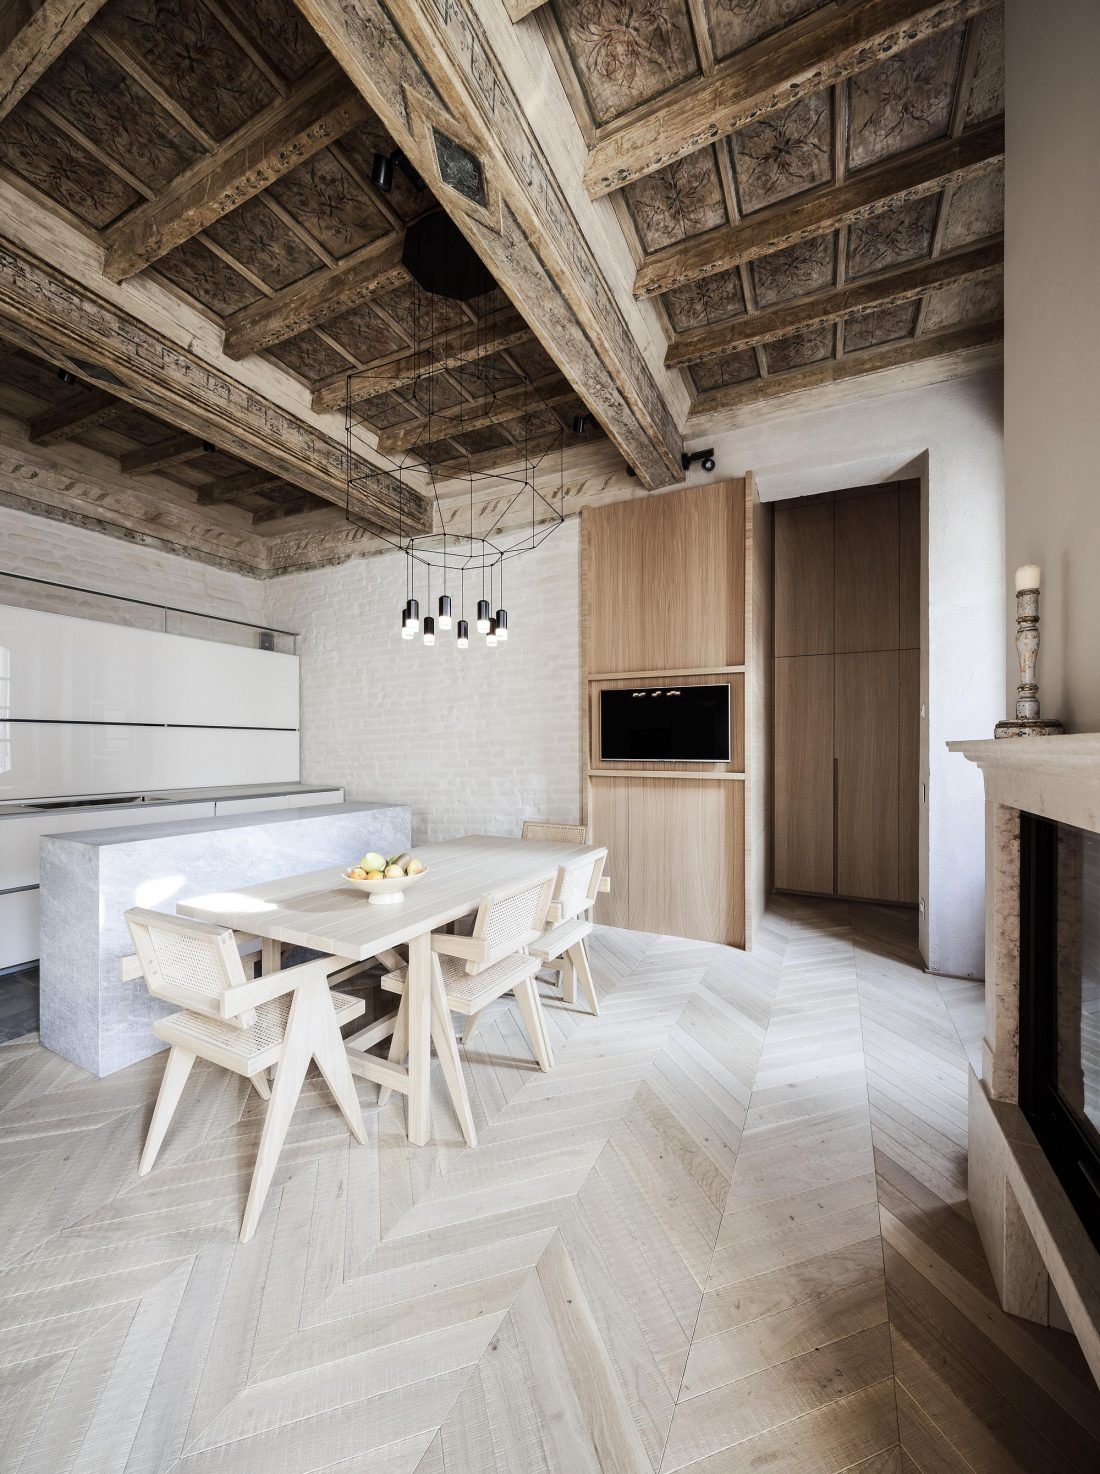 Квартира в античном стиле в старинном доме в Италии 1